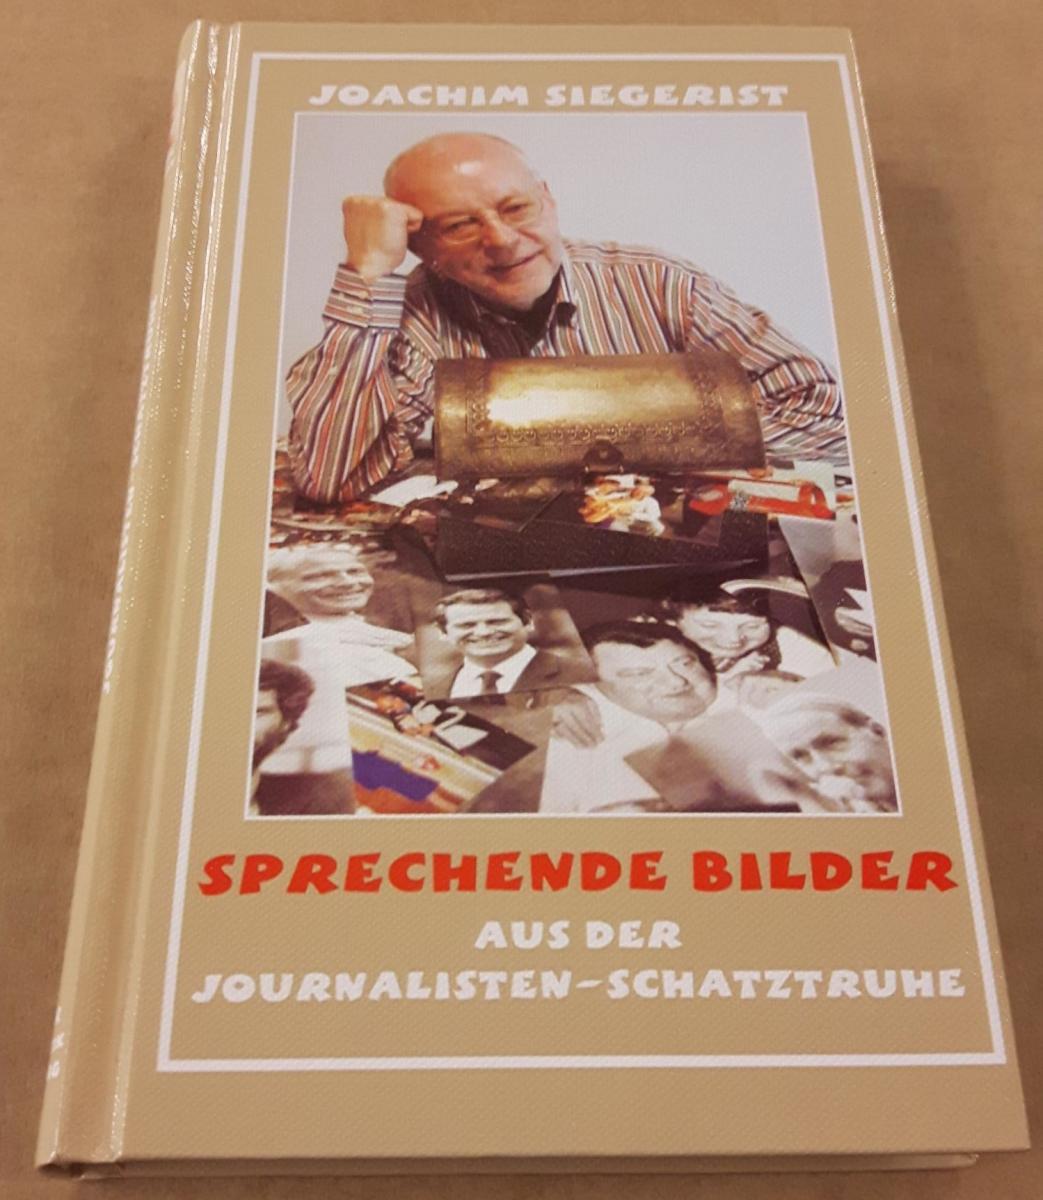 Sprechende Bilder. Aus der Journalisten-Schatztruhe. Wirtschafts- und Politikverlag Hamburg. 1. Auflage Dez. 2007 Siegerist, Joachim